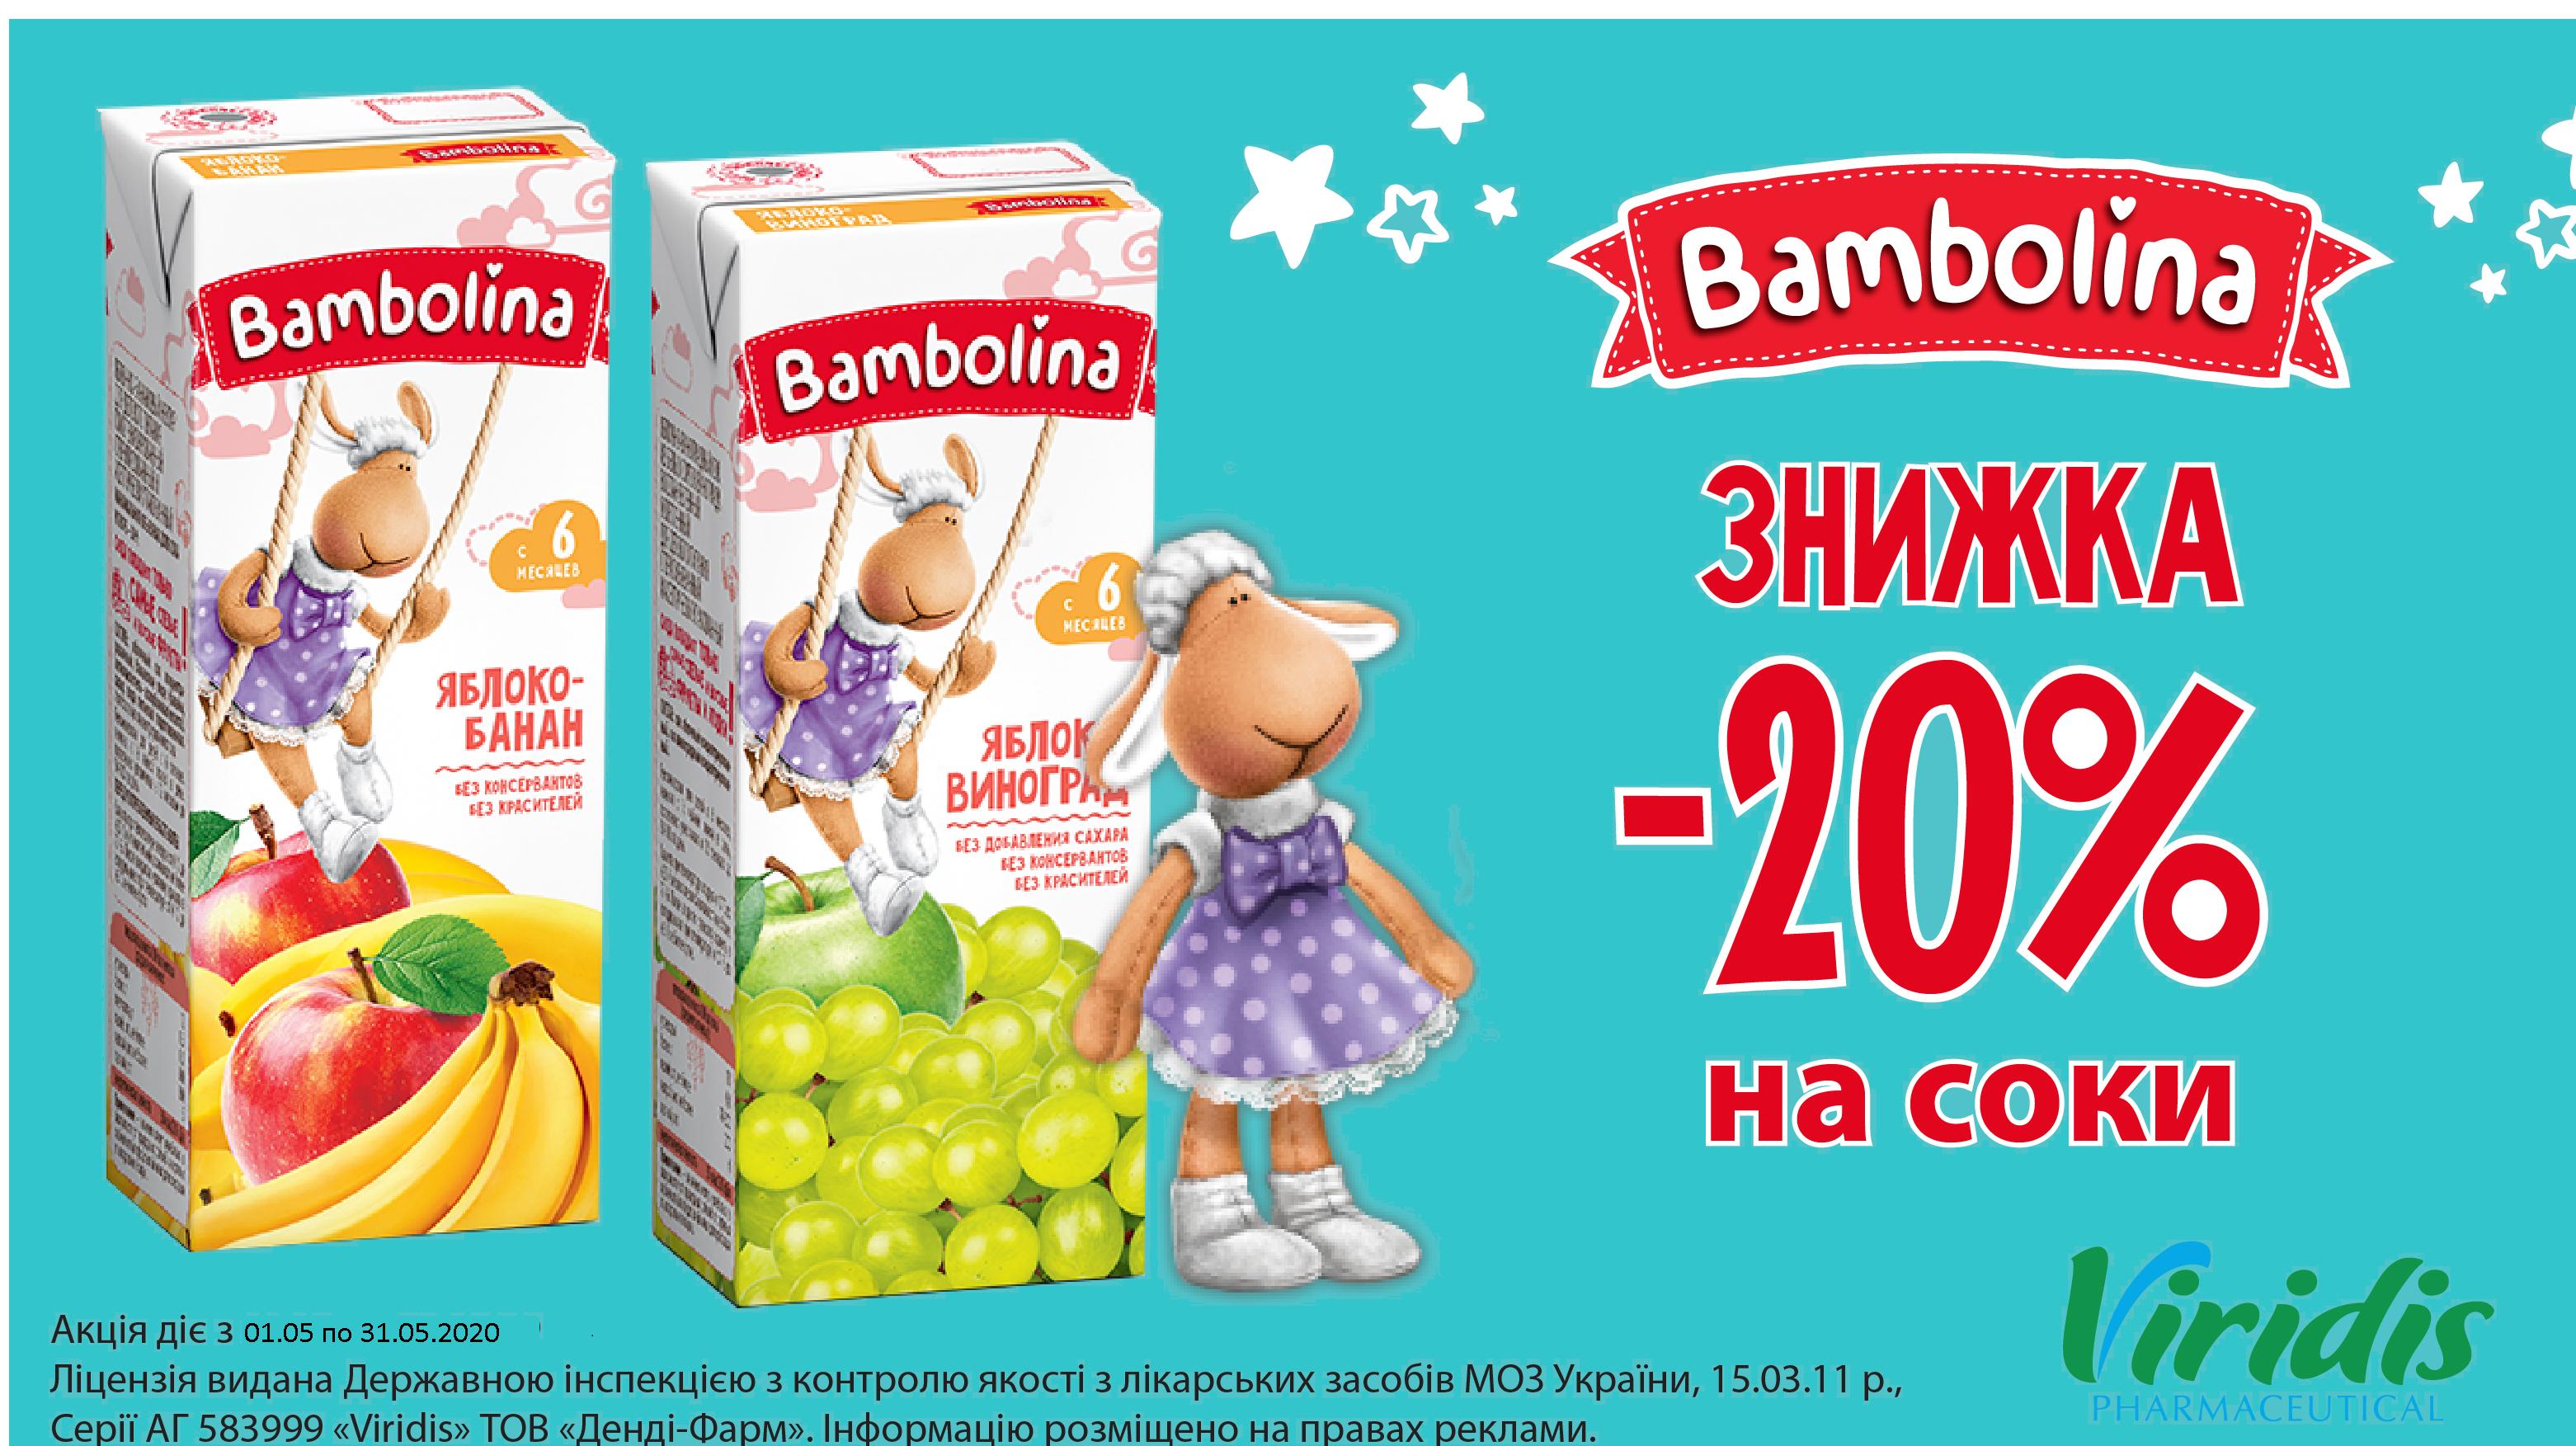 ЗНИЖКА -20% НА ДИТЯЧІ СОКИ ТМ BAMBOLINA. | #1